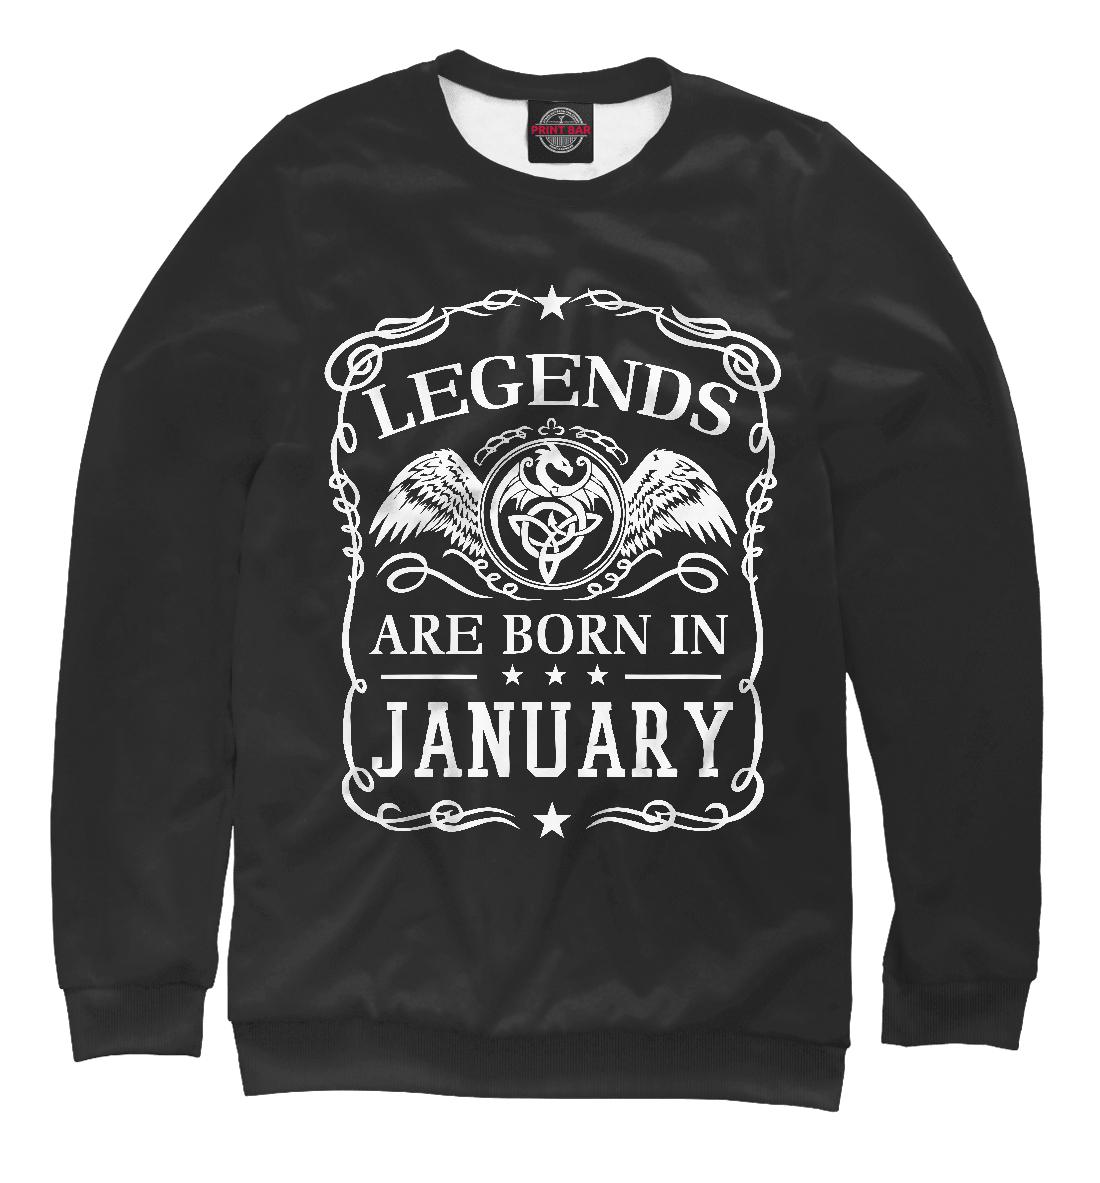 Купить Легенды рождаются в январе, Printbar, Свитшоты, RZP-667259-swi-1